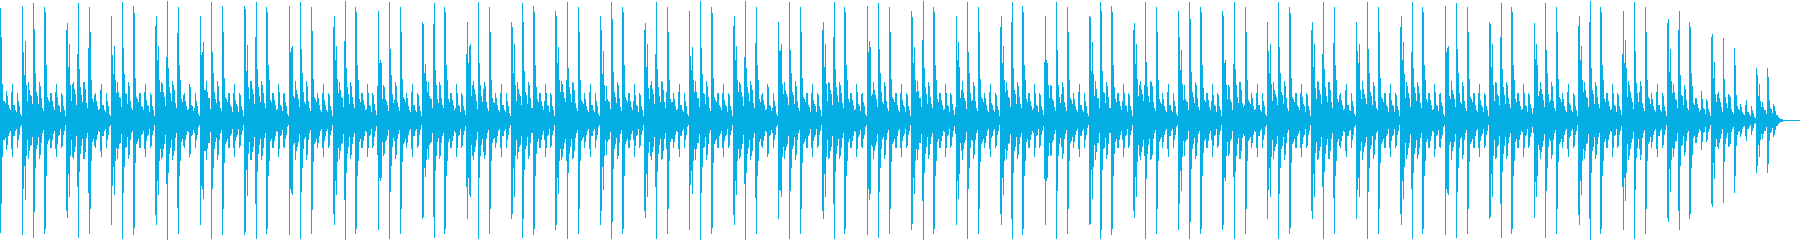 ストリングスのBGMの再生済みの波形